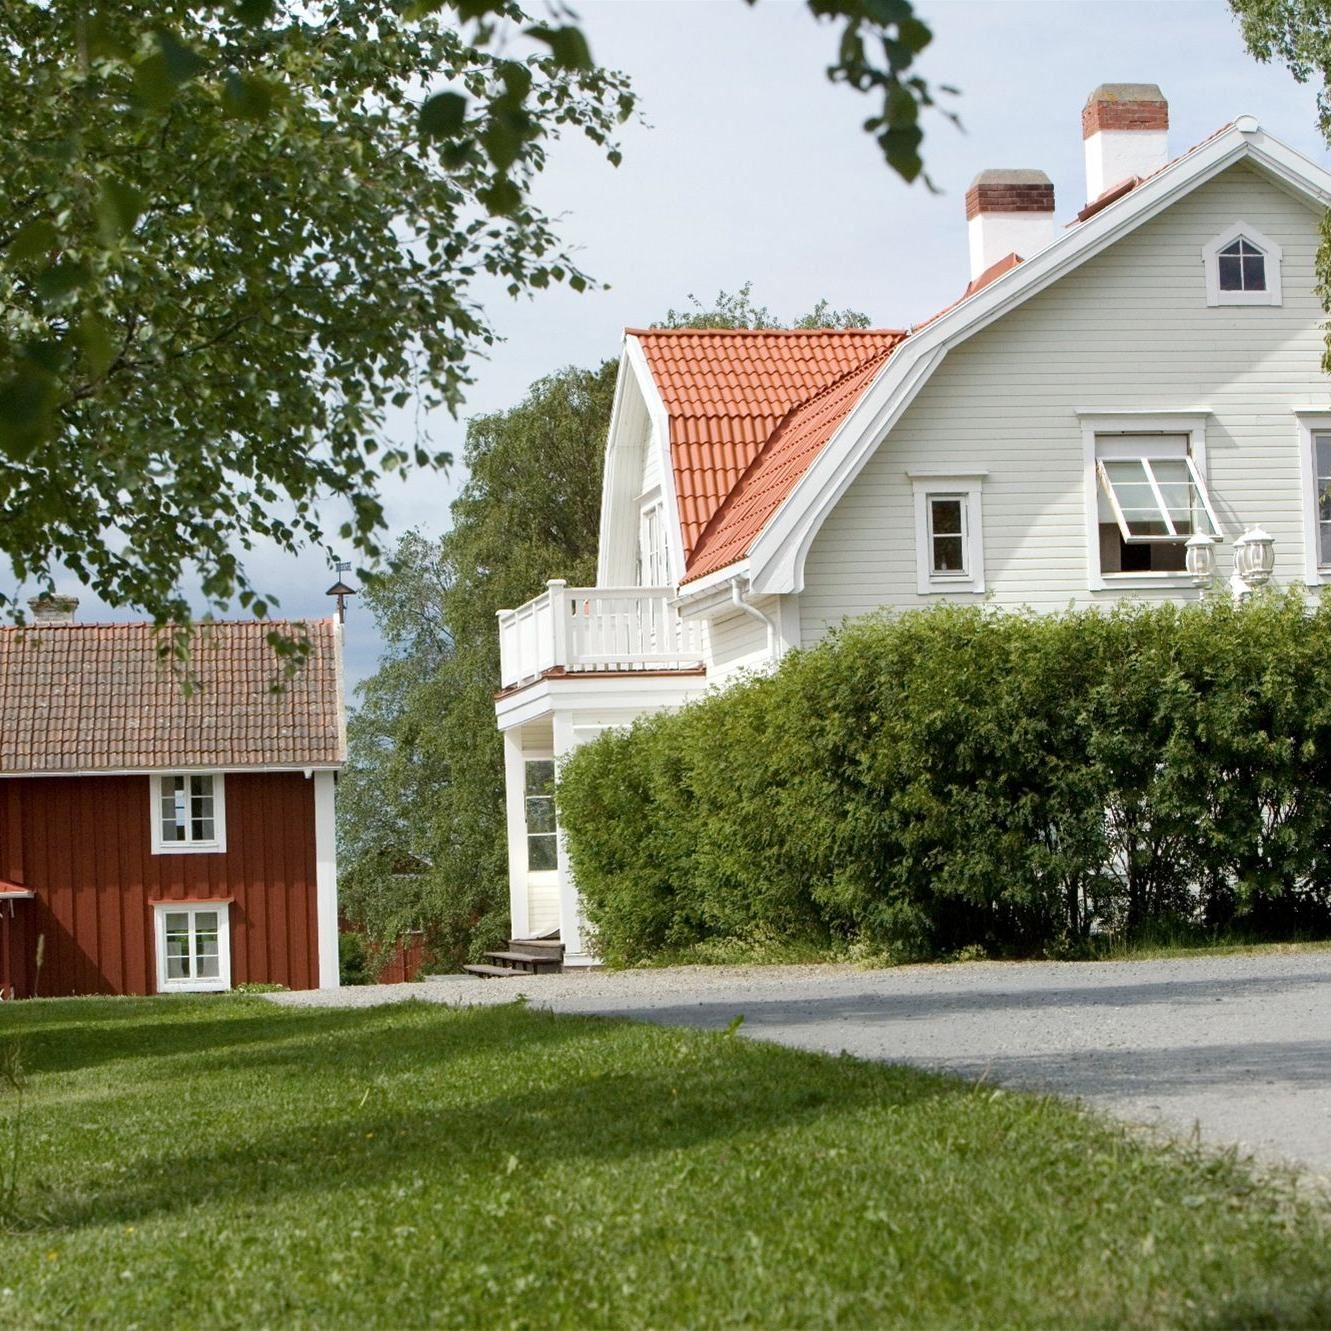 Foto: Brunkulla Gård,  © Copy: Brunkulla Gård, Brunkulla Gård - Ekologisk gård